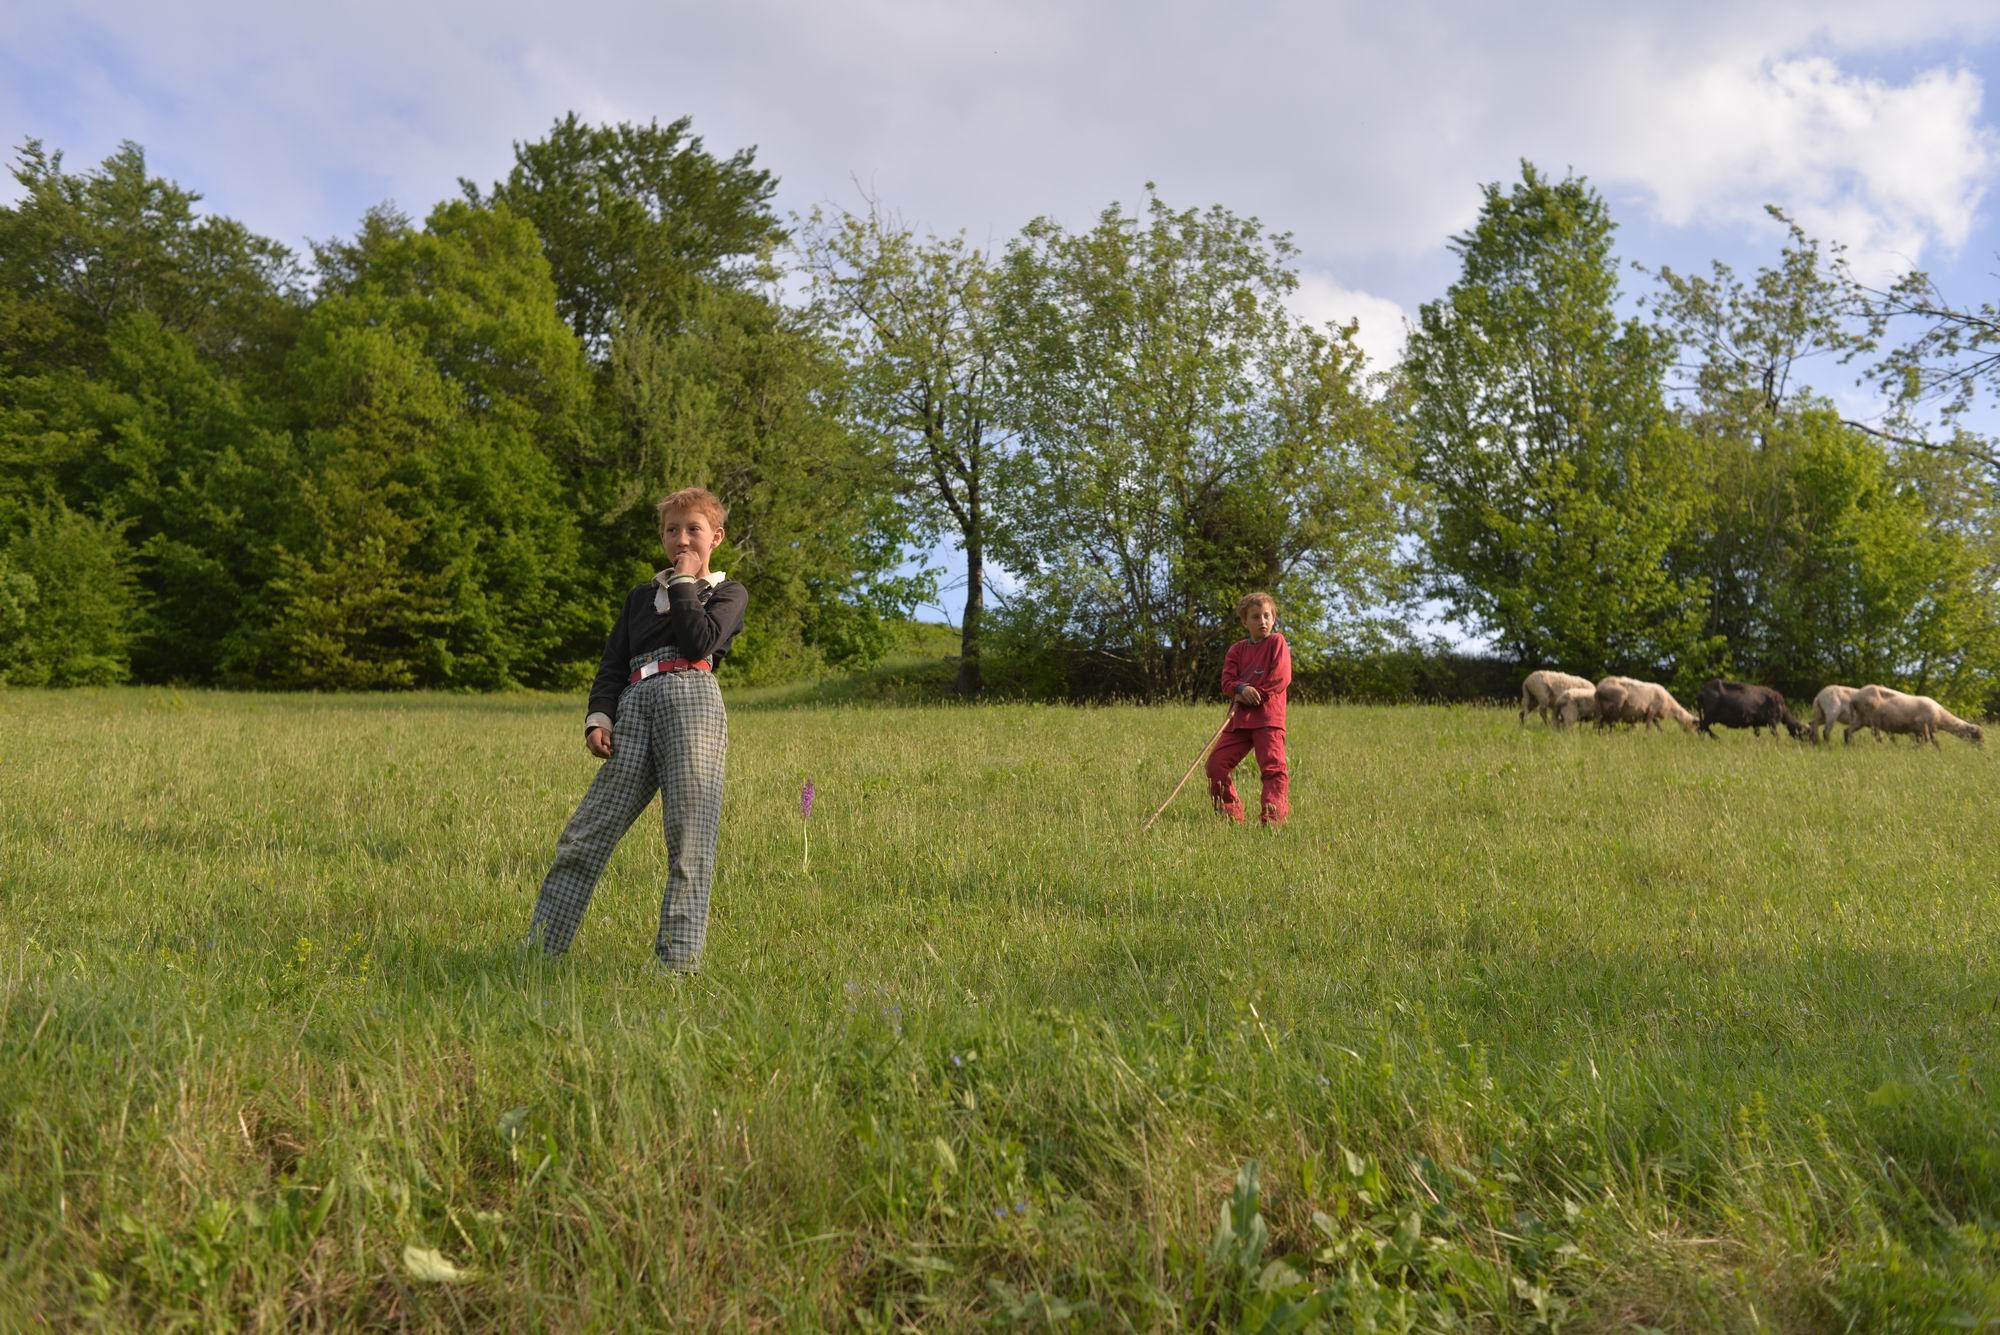 Frații și surorile lui Fănică păzesc oile tatălui lor